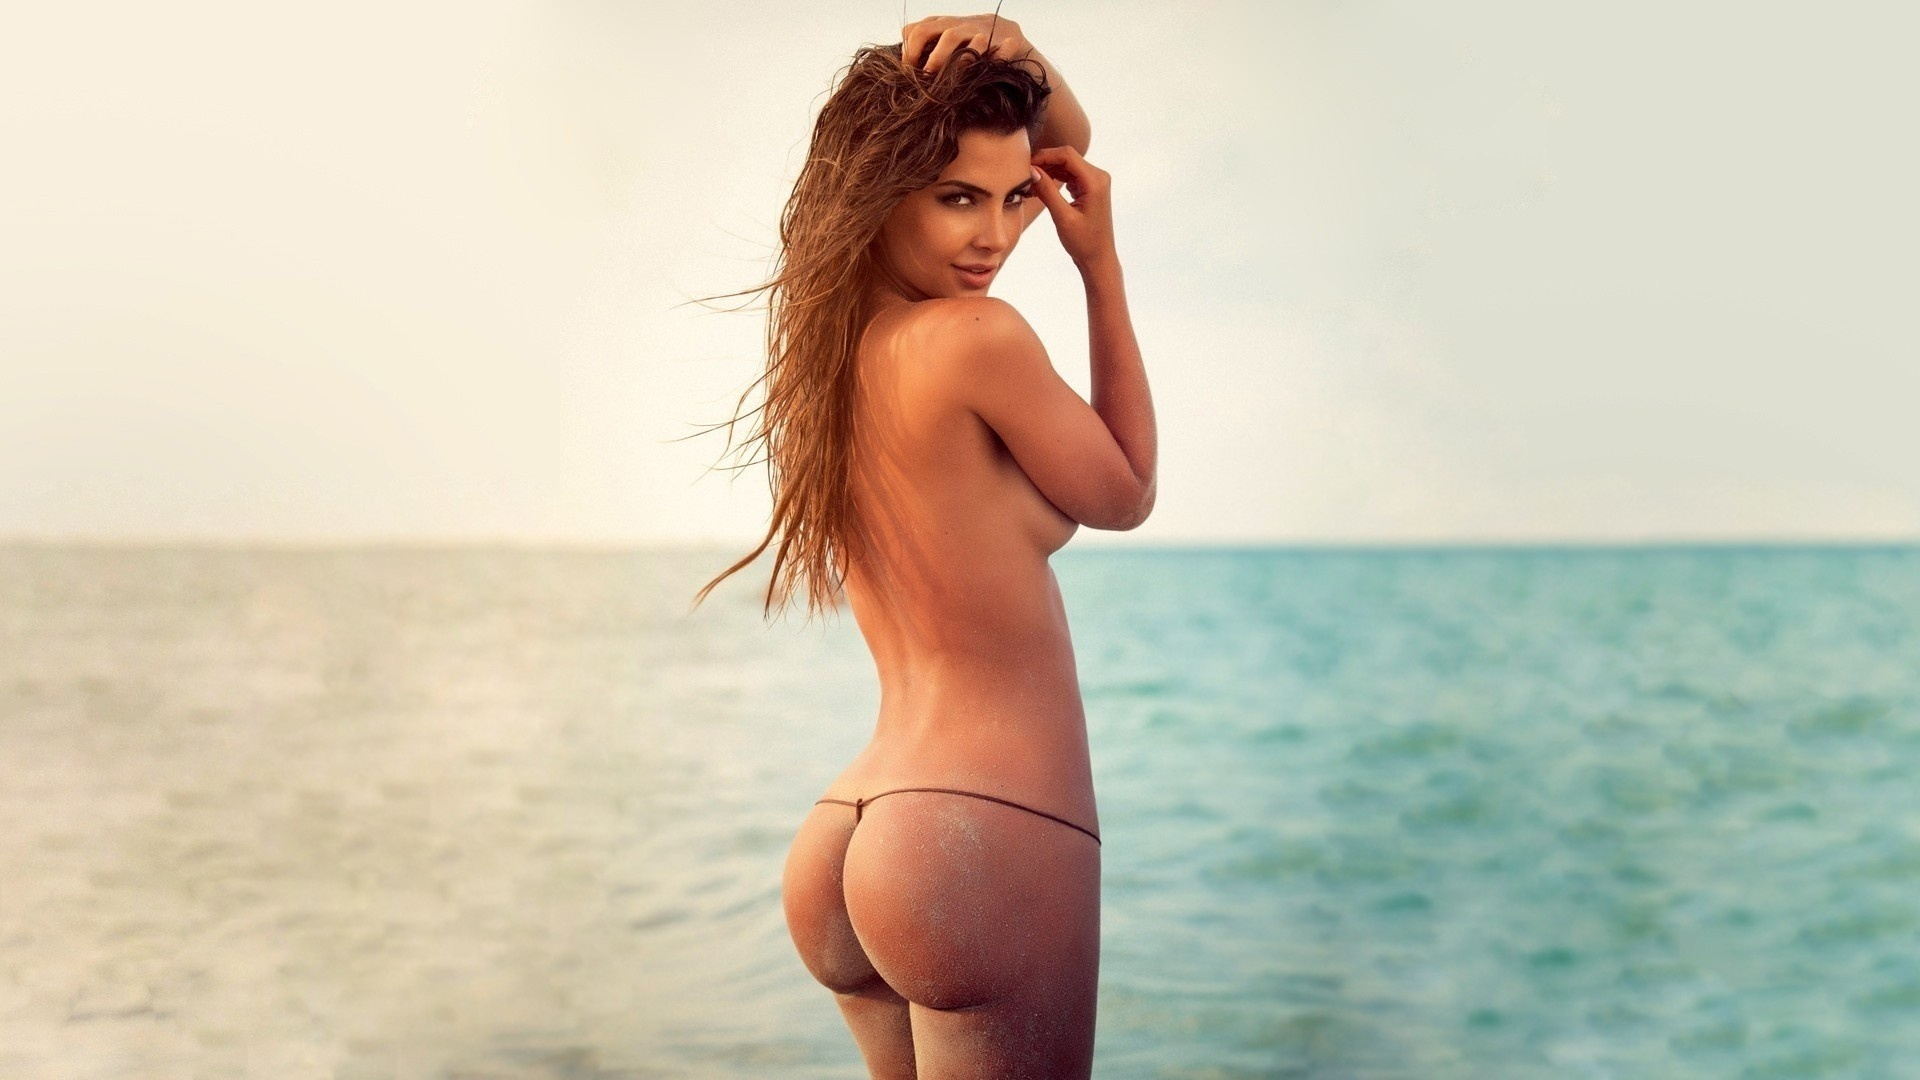 Самые красивые тела телки, Порно онлайн: Красивое тело - смотреть бесплатно 6 фотография